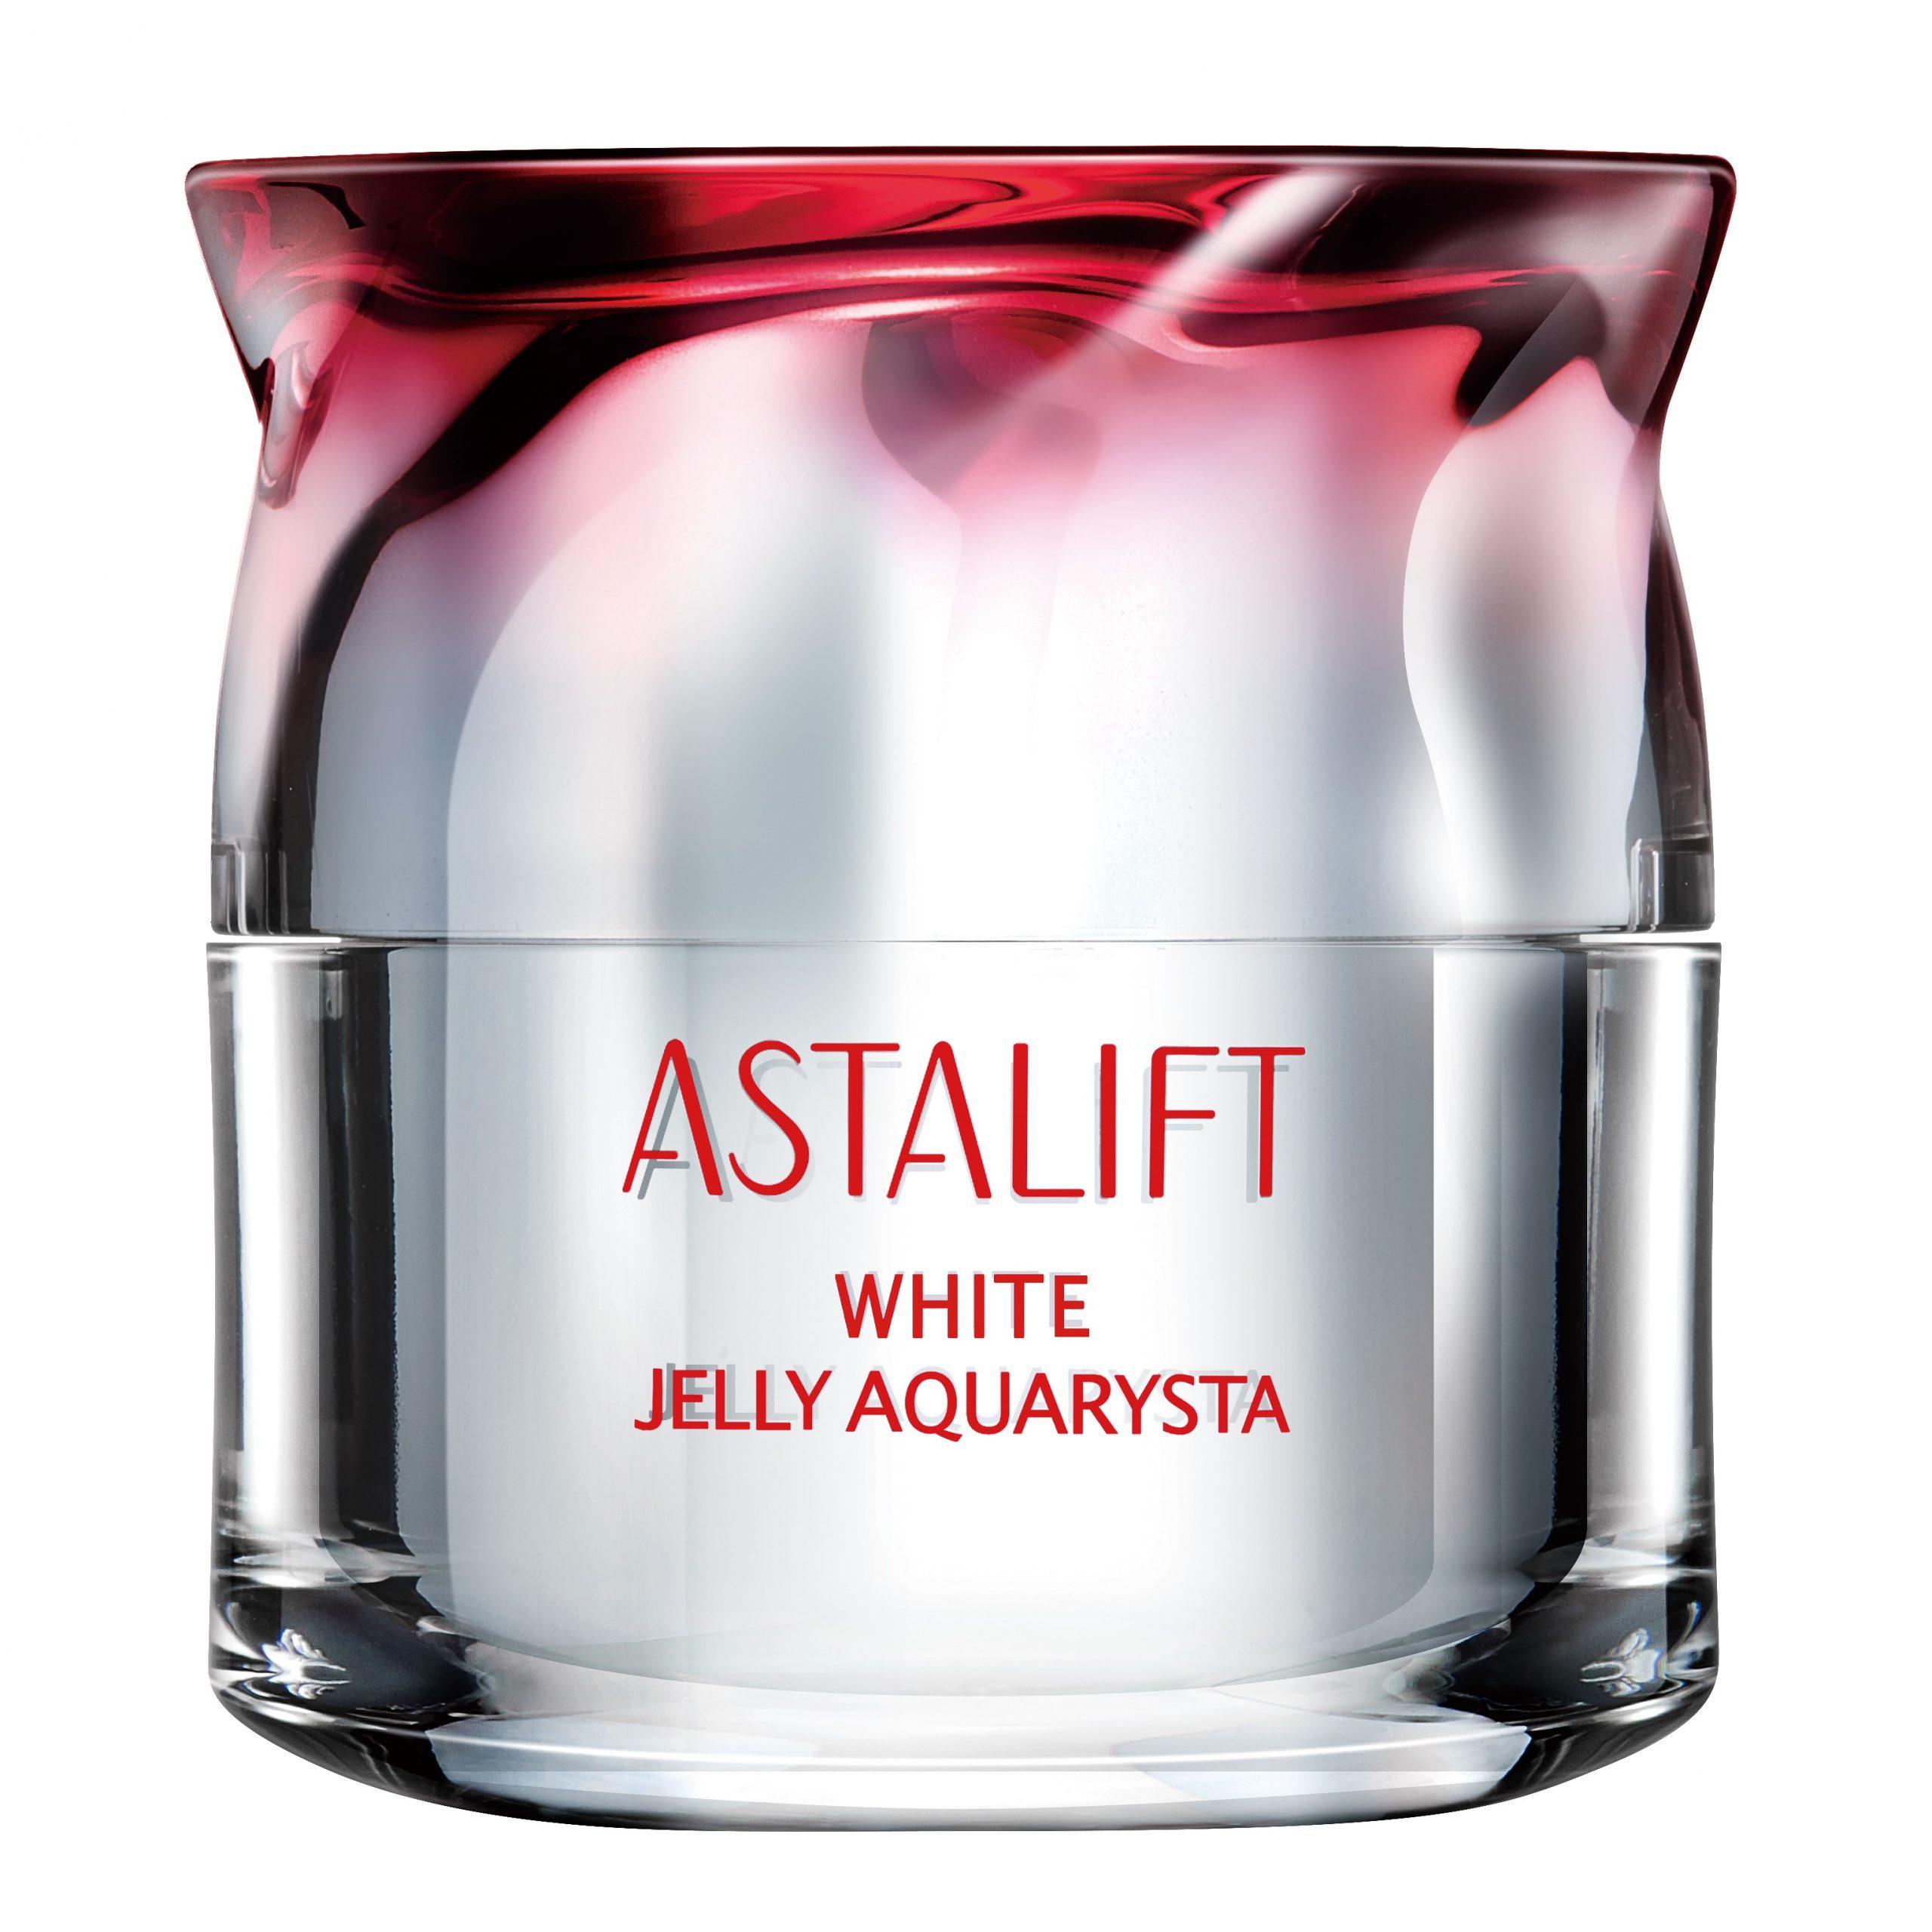 エイジング効果もある美白美容液、アスタリフト ホワイトジェリー アクアリスタ